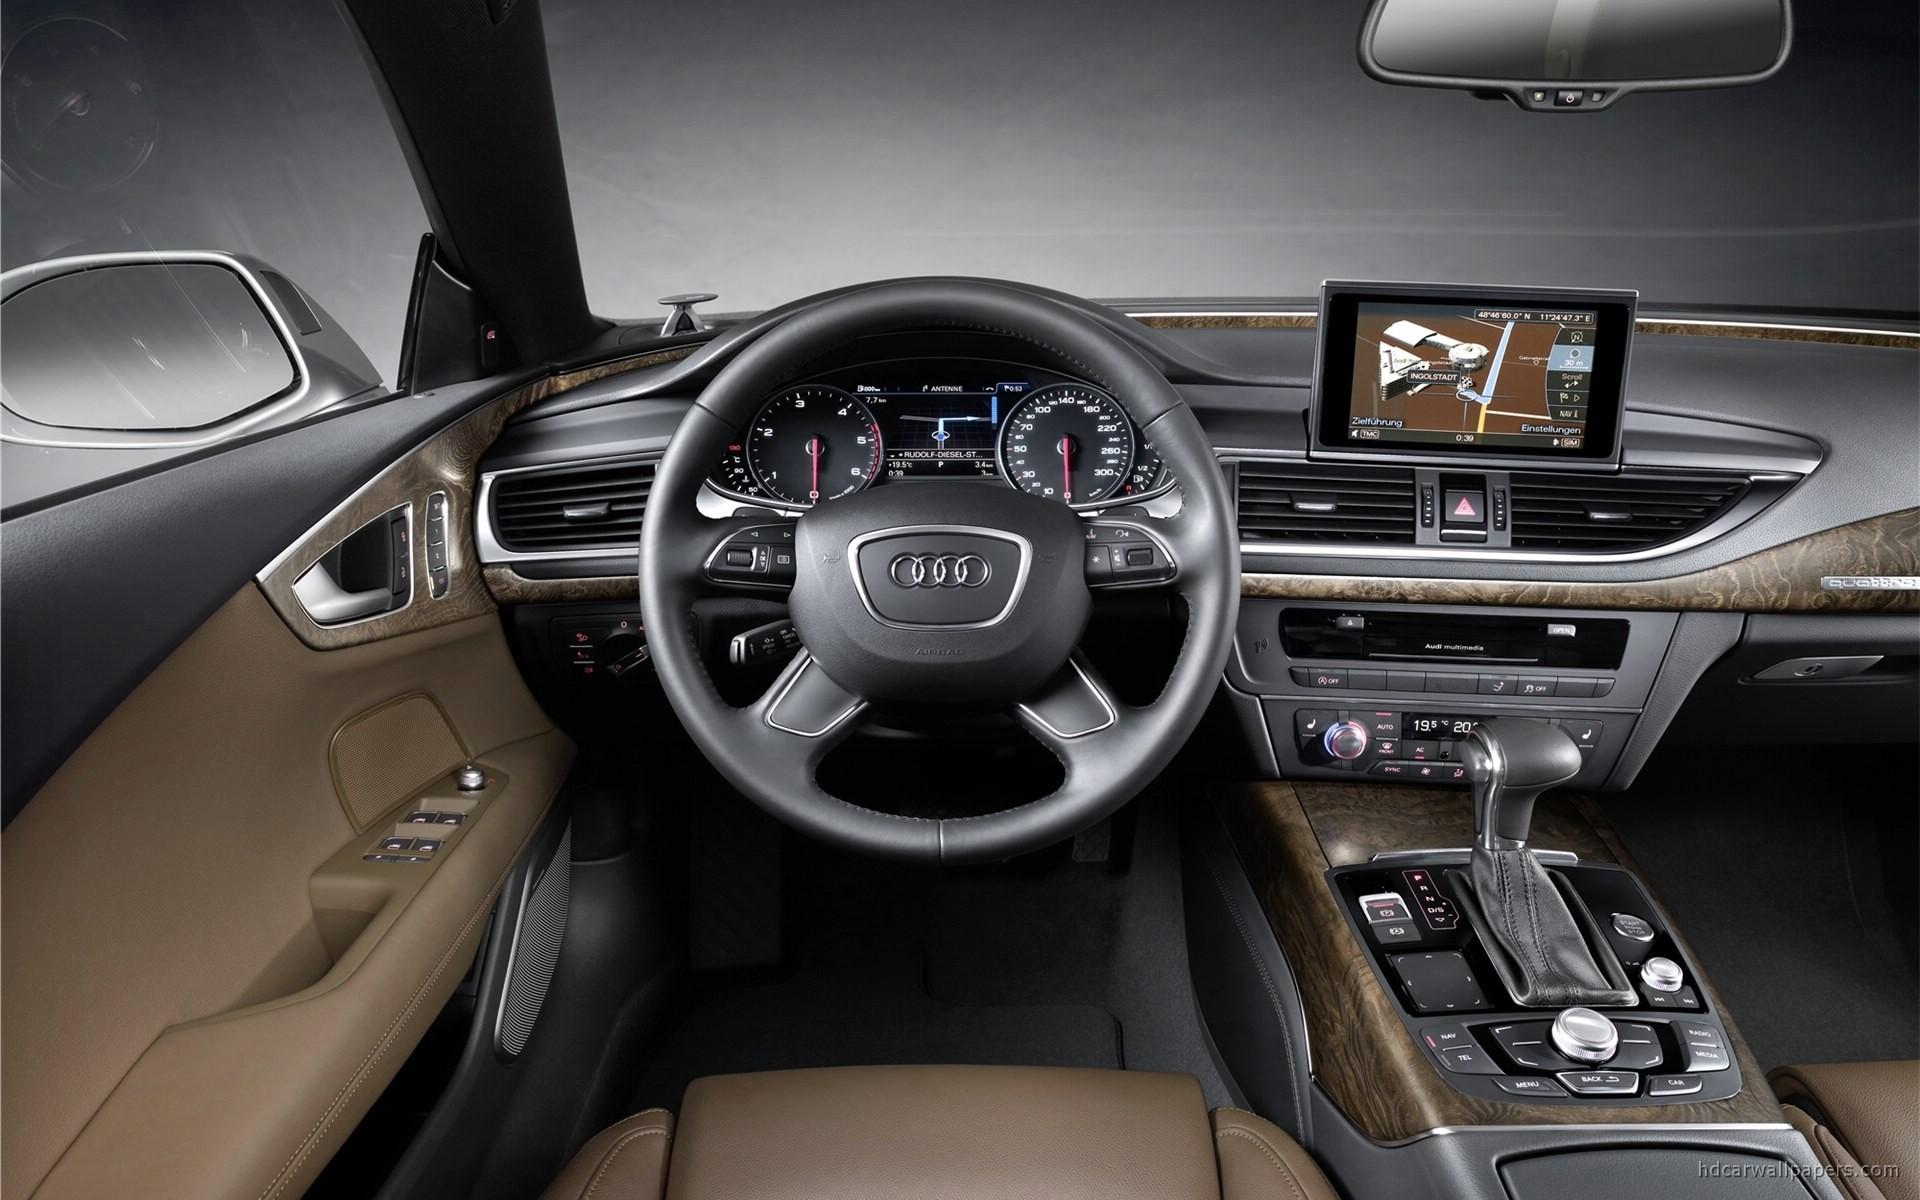 General 1920x1200 car Audi vehicle car interior